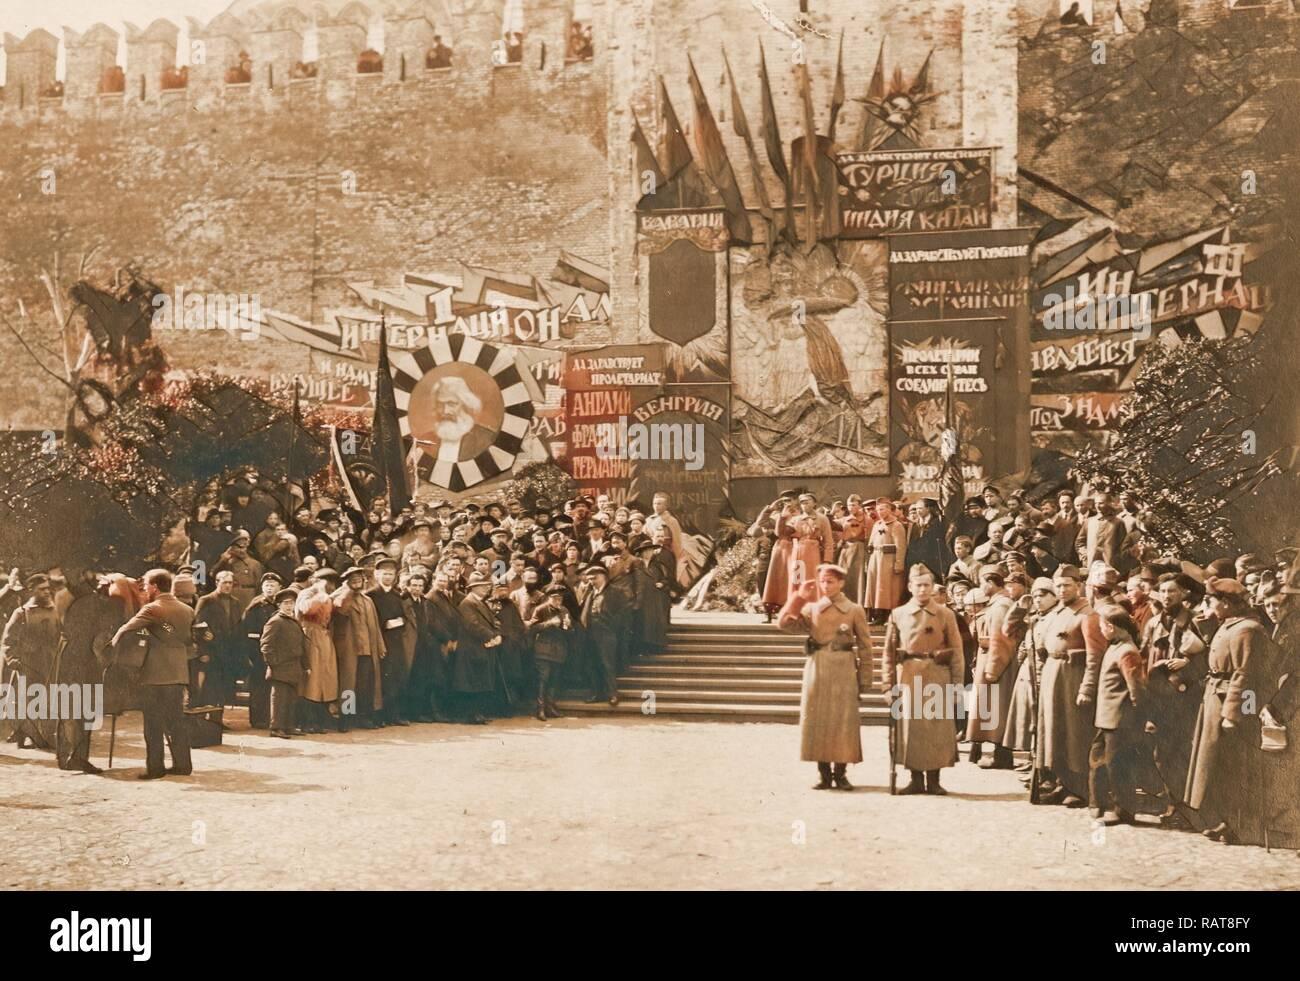 Lenin con compañeros en una manifestación organizada el 1 de mayo en la Plaza Roja, de mayo de 1919, Moscú, Rusia, Historia de la Revolución Rusa reinventado Imagen De Stock